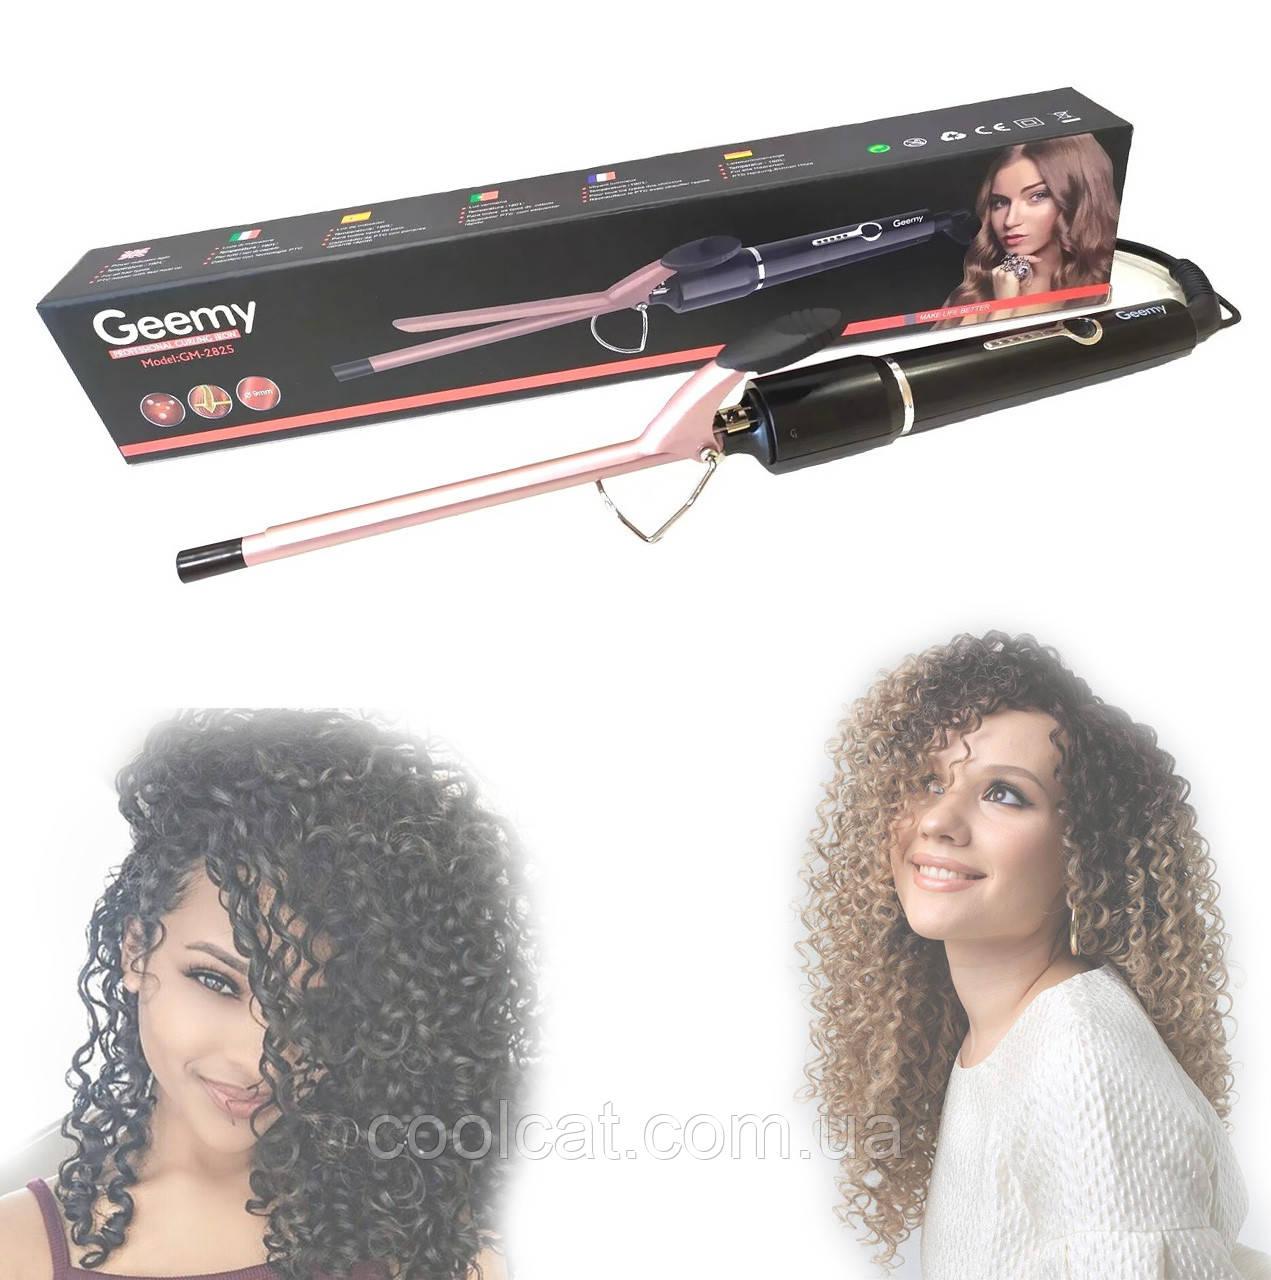 Плойка для накрутки афро-кудрей, локонов Gemei GM-2825 / Щипцы для завивки волос / Африканские кудри